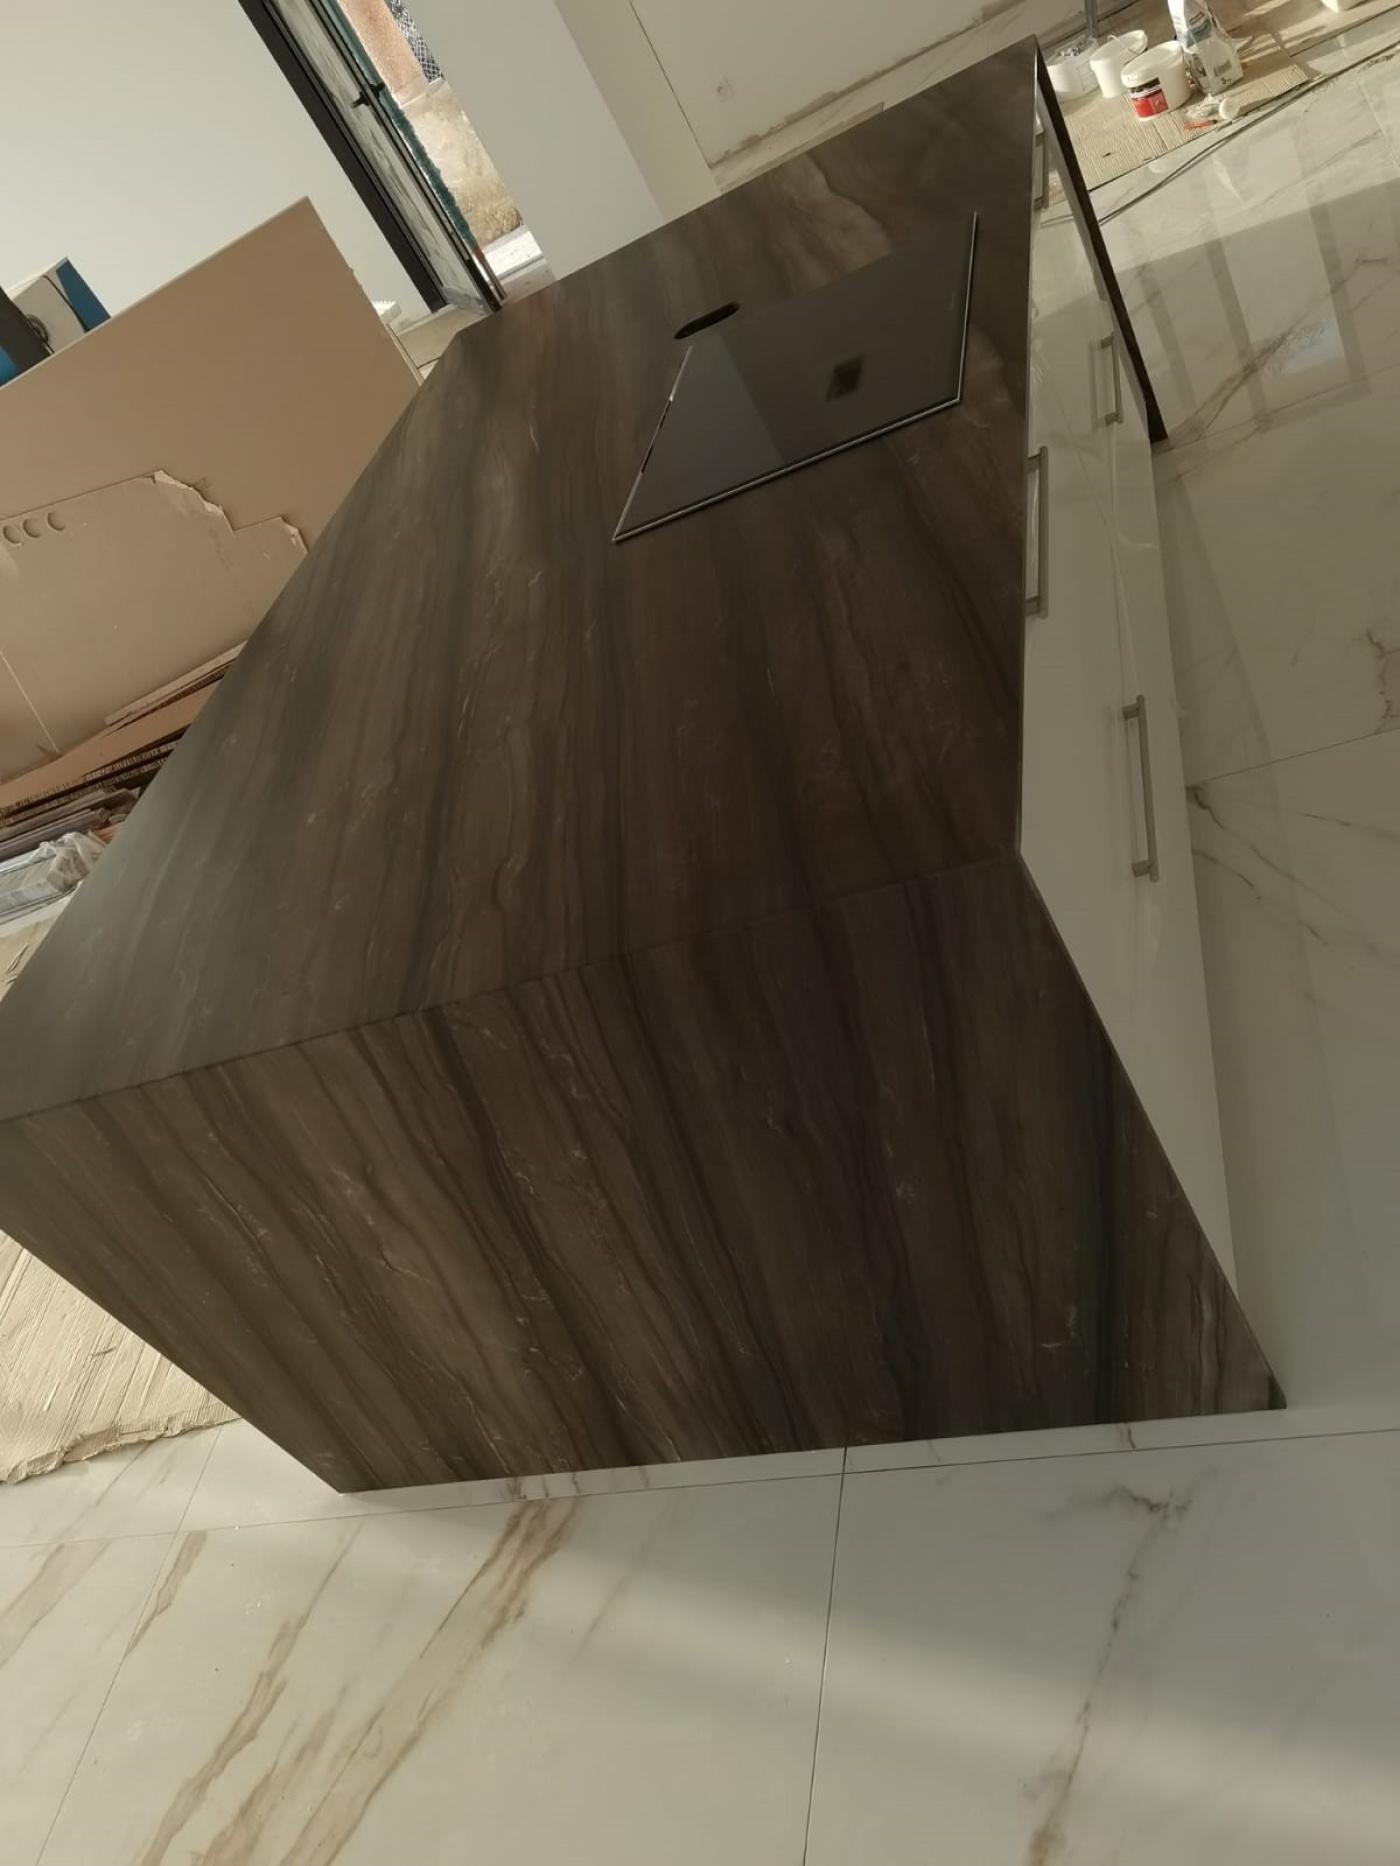 Granit Plan de travail de cuisine en quartzite Sequoia Brown. Installation à Carqueiranne.